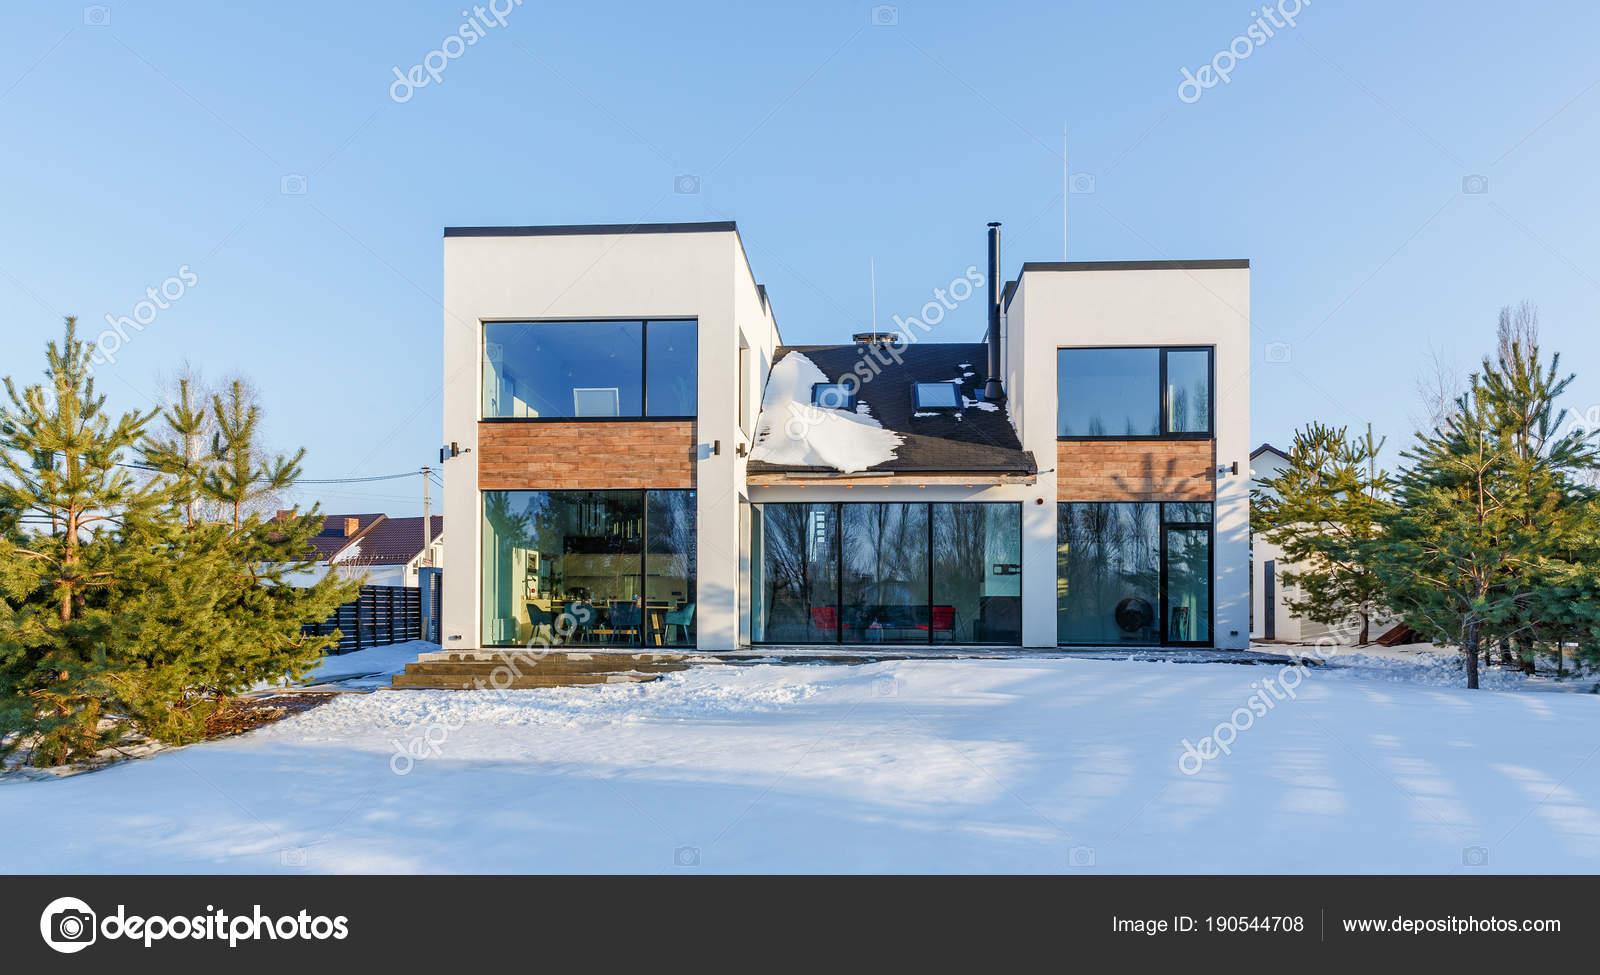 Una casa moderna con ampie vetrate panoramiche sullo sfondo del foto stock for Casa moderna vetrate